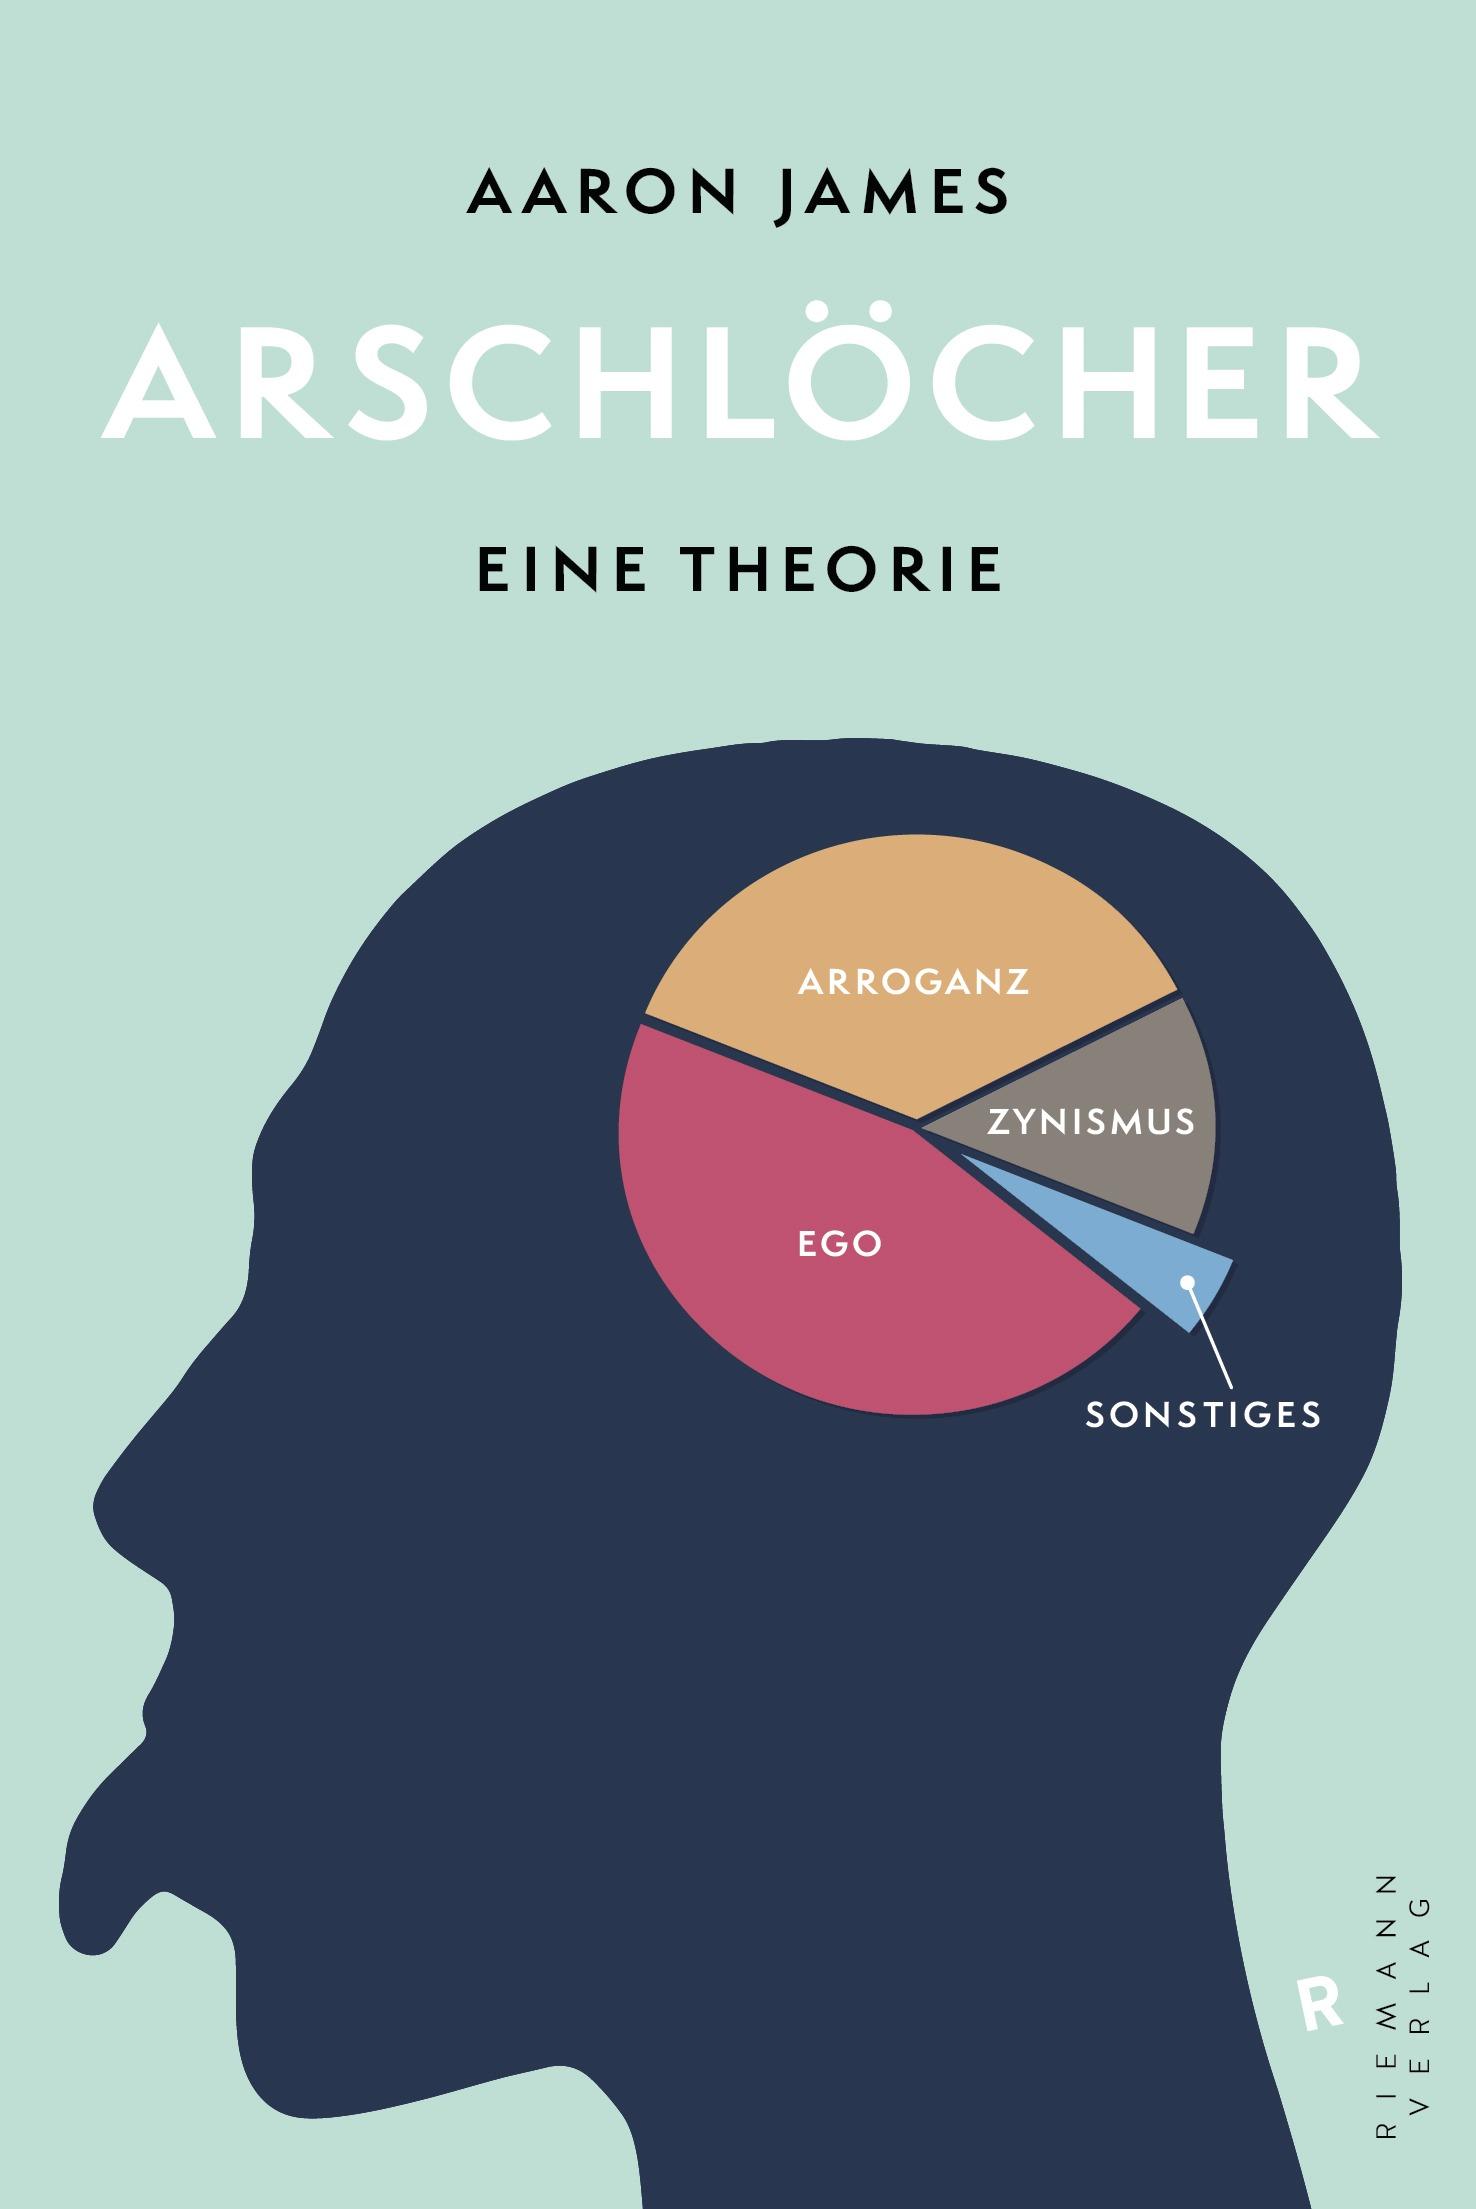 Aaron James ~ Arschlöcher - eine Theorie 9783570501573